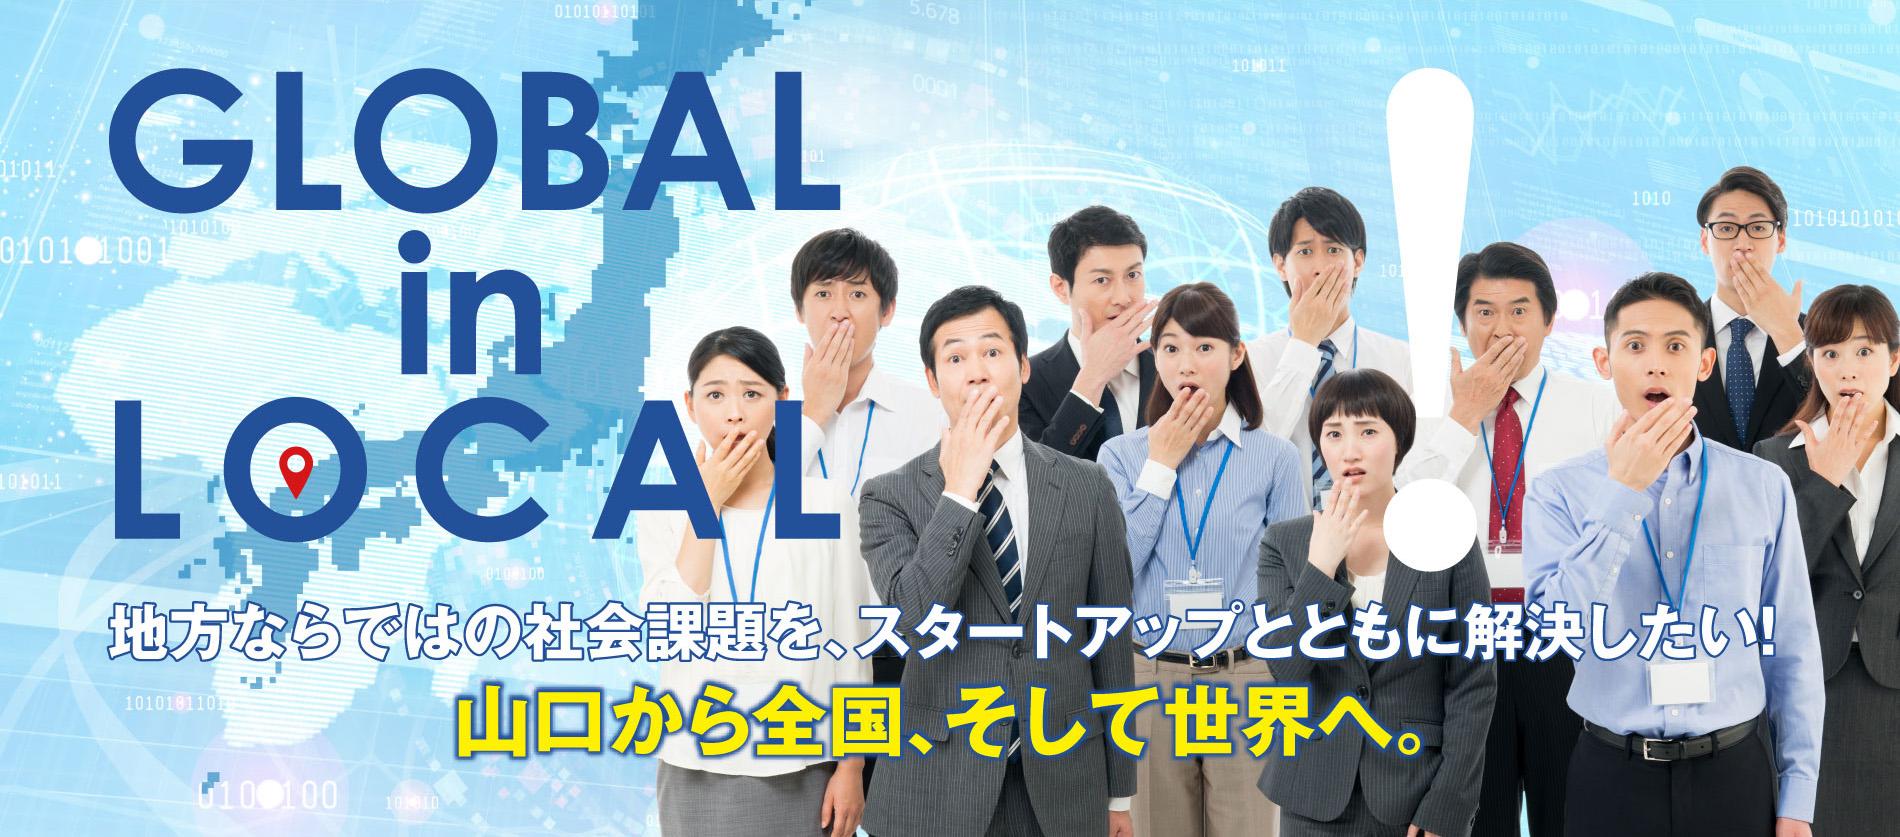 GLOBAL in LOCAL|山口から全国、そして世界へ。|地方ならではの社会課題を、スタートアップとともに解決したい!